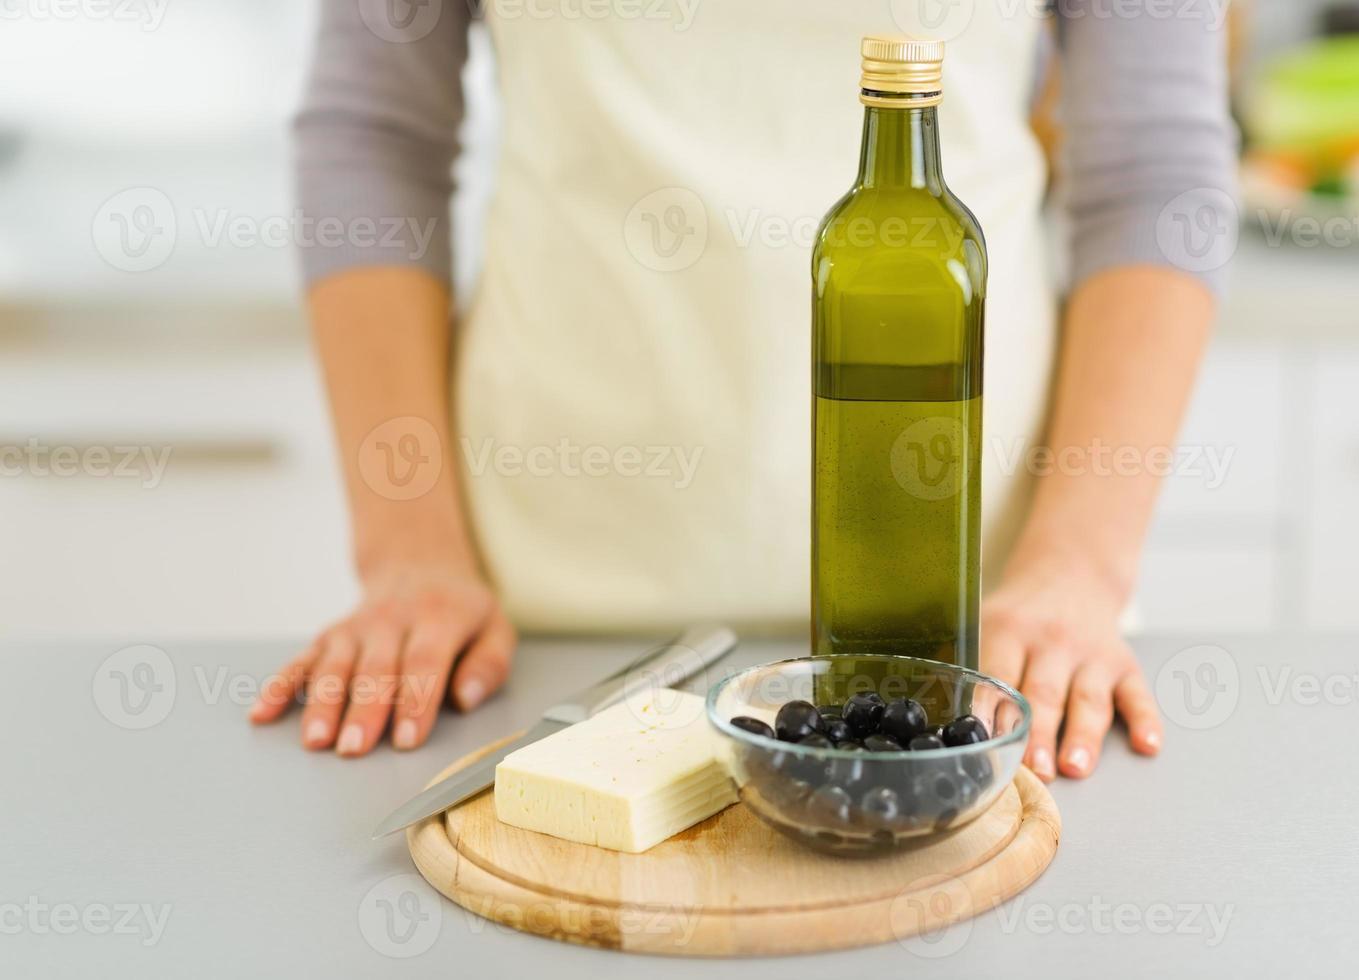 kaas, olijven en olijfolie op snijplank. detailopname foto